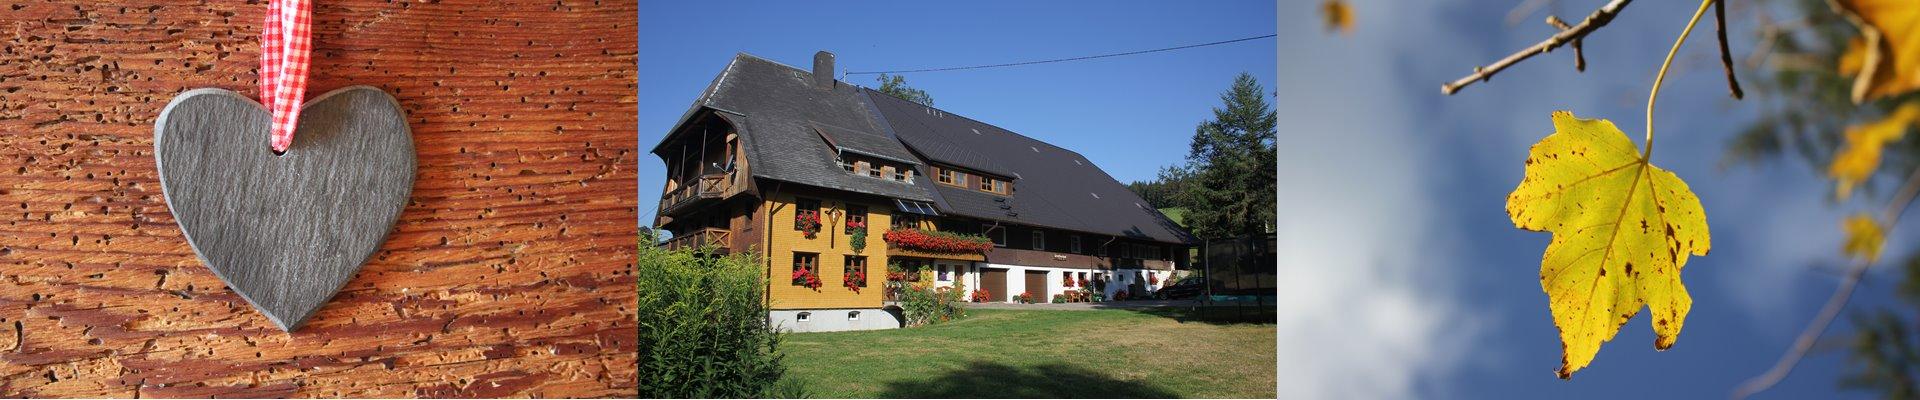 Griesbachhof Slider: Collage aus Schieferherz vor Altholz + Der Hof am Morgen + Ahornblatt im Herbst